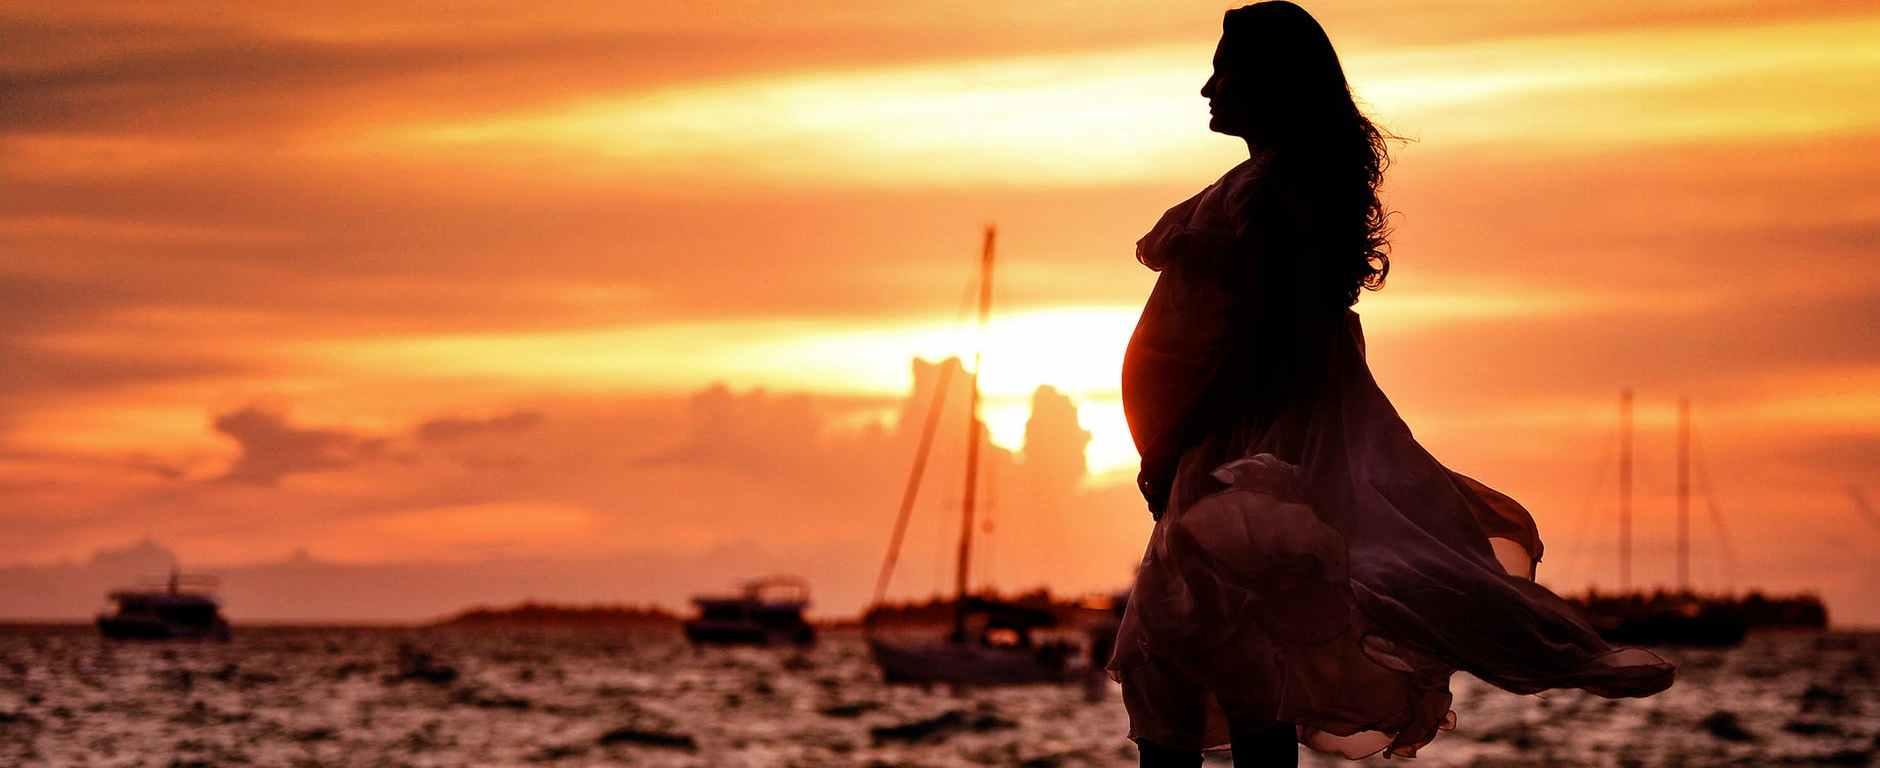 Eίναι αποδεκτό να θρηνείς τη γυναίκα που ήσουν πριν γίνεις μητέρα!